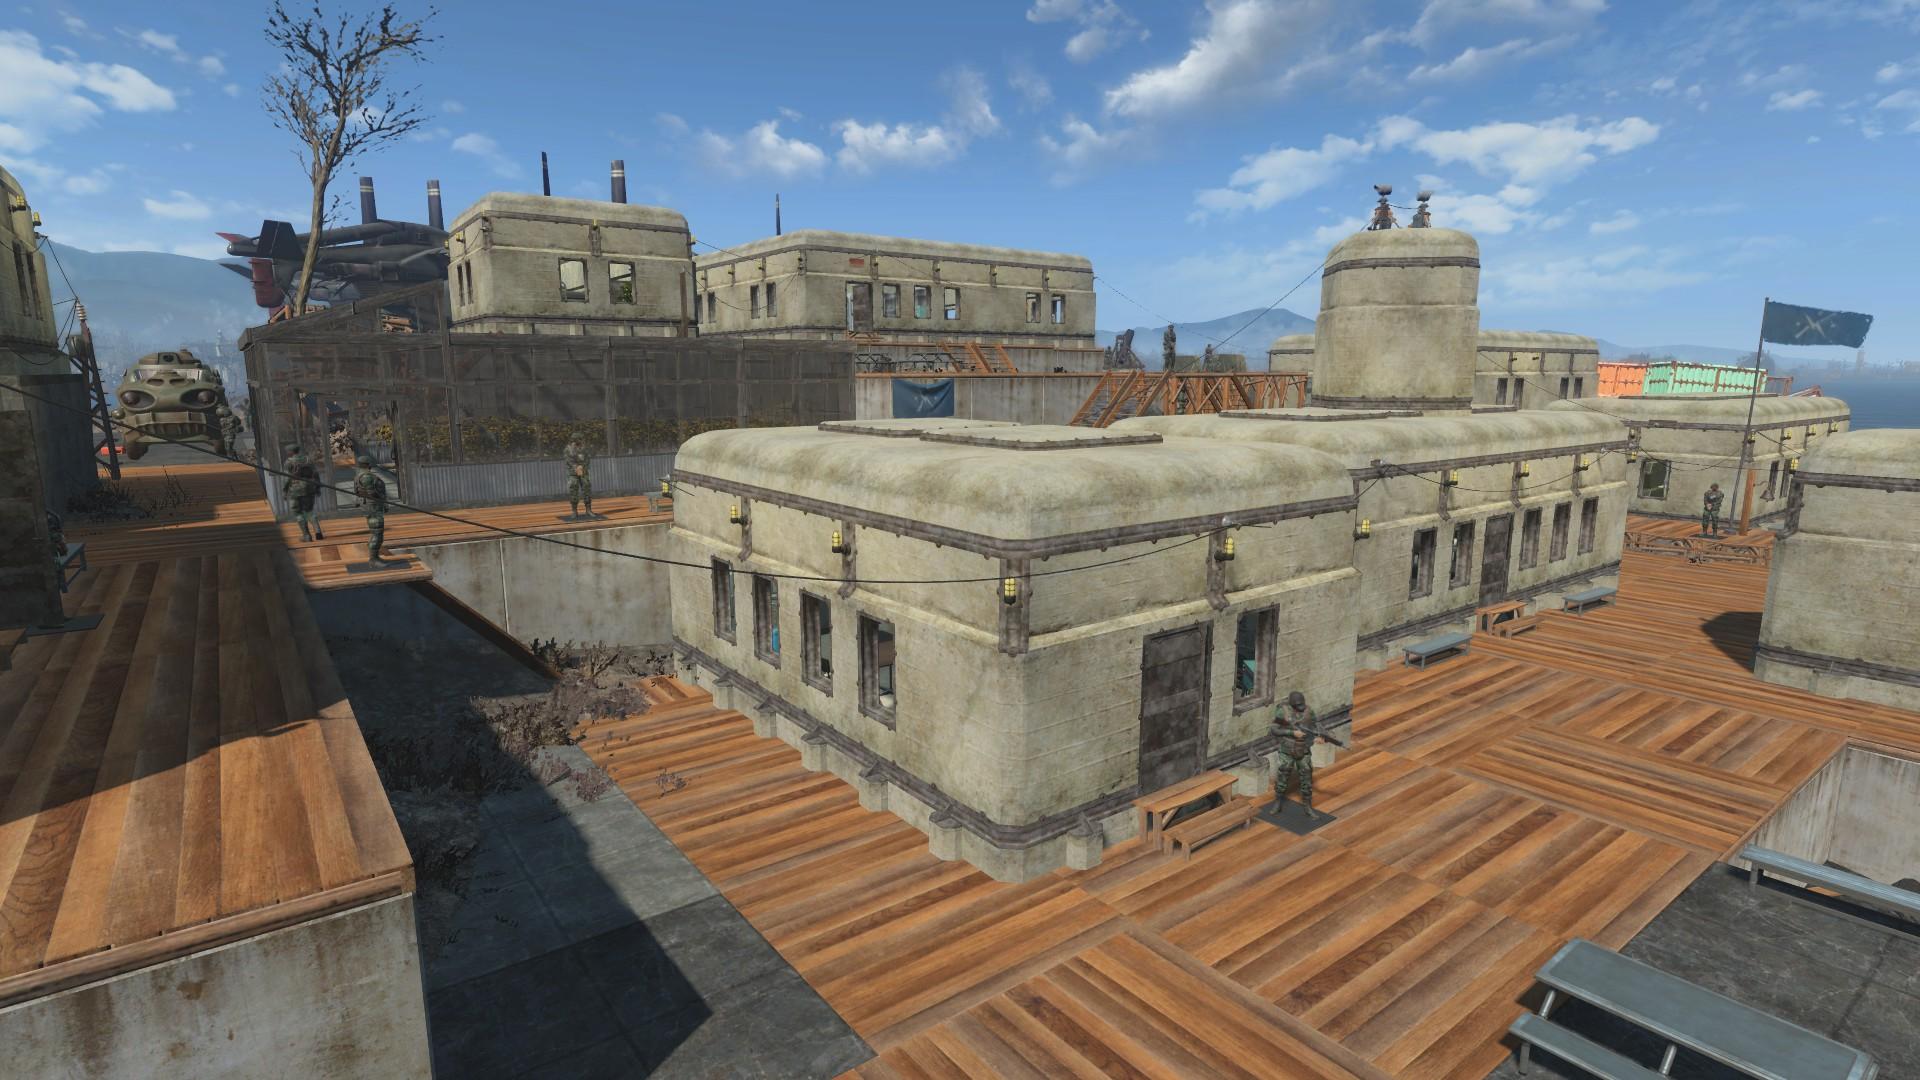 Show your Fallout 4 Settlements! 4EFAFC6944E99B52C28BA32BF0DE3406FBD42554